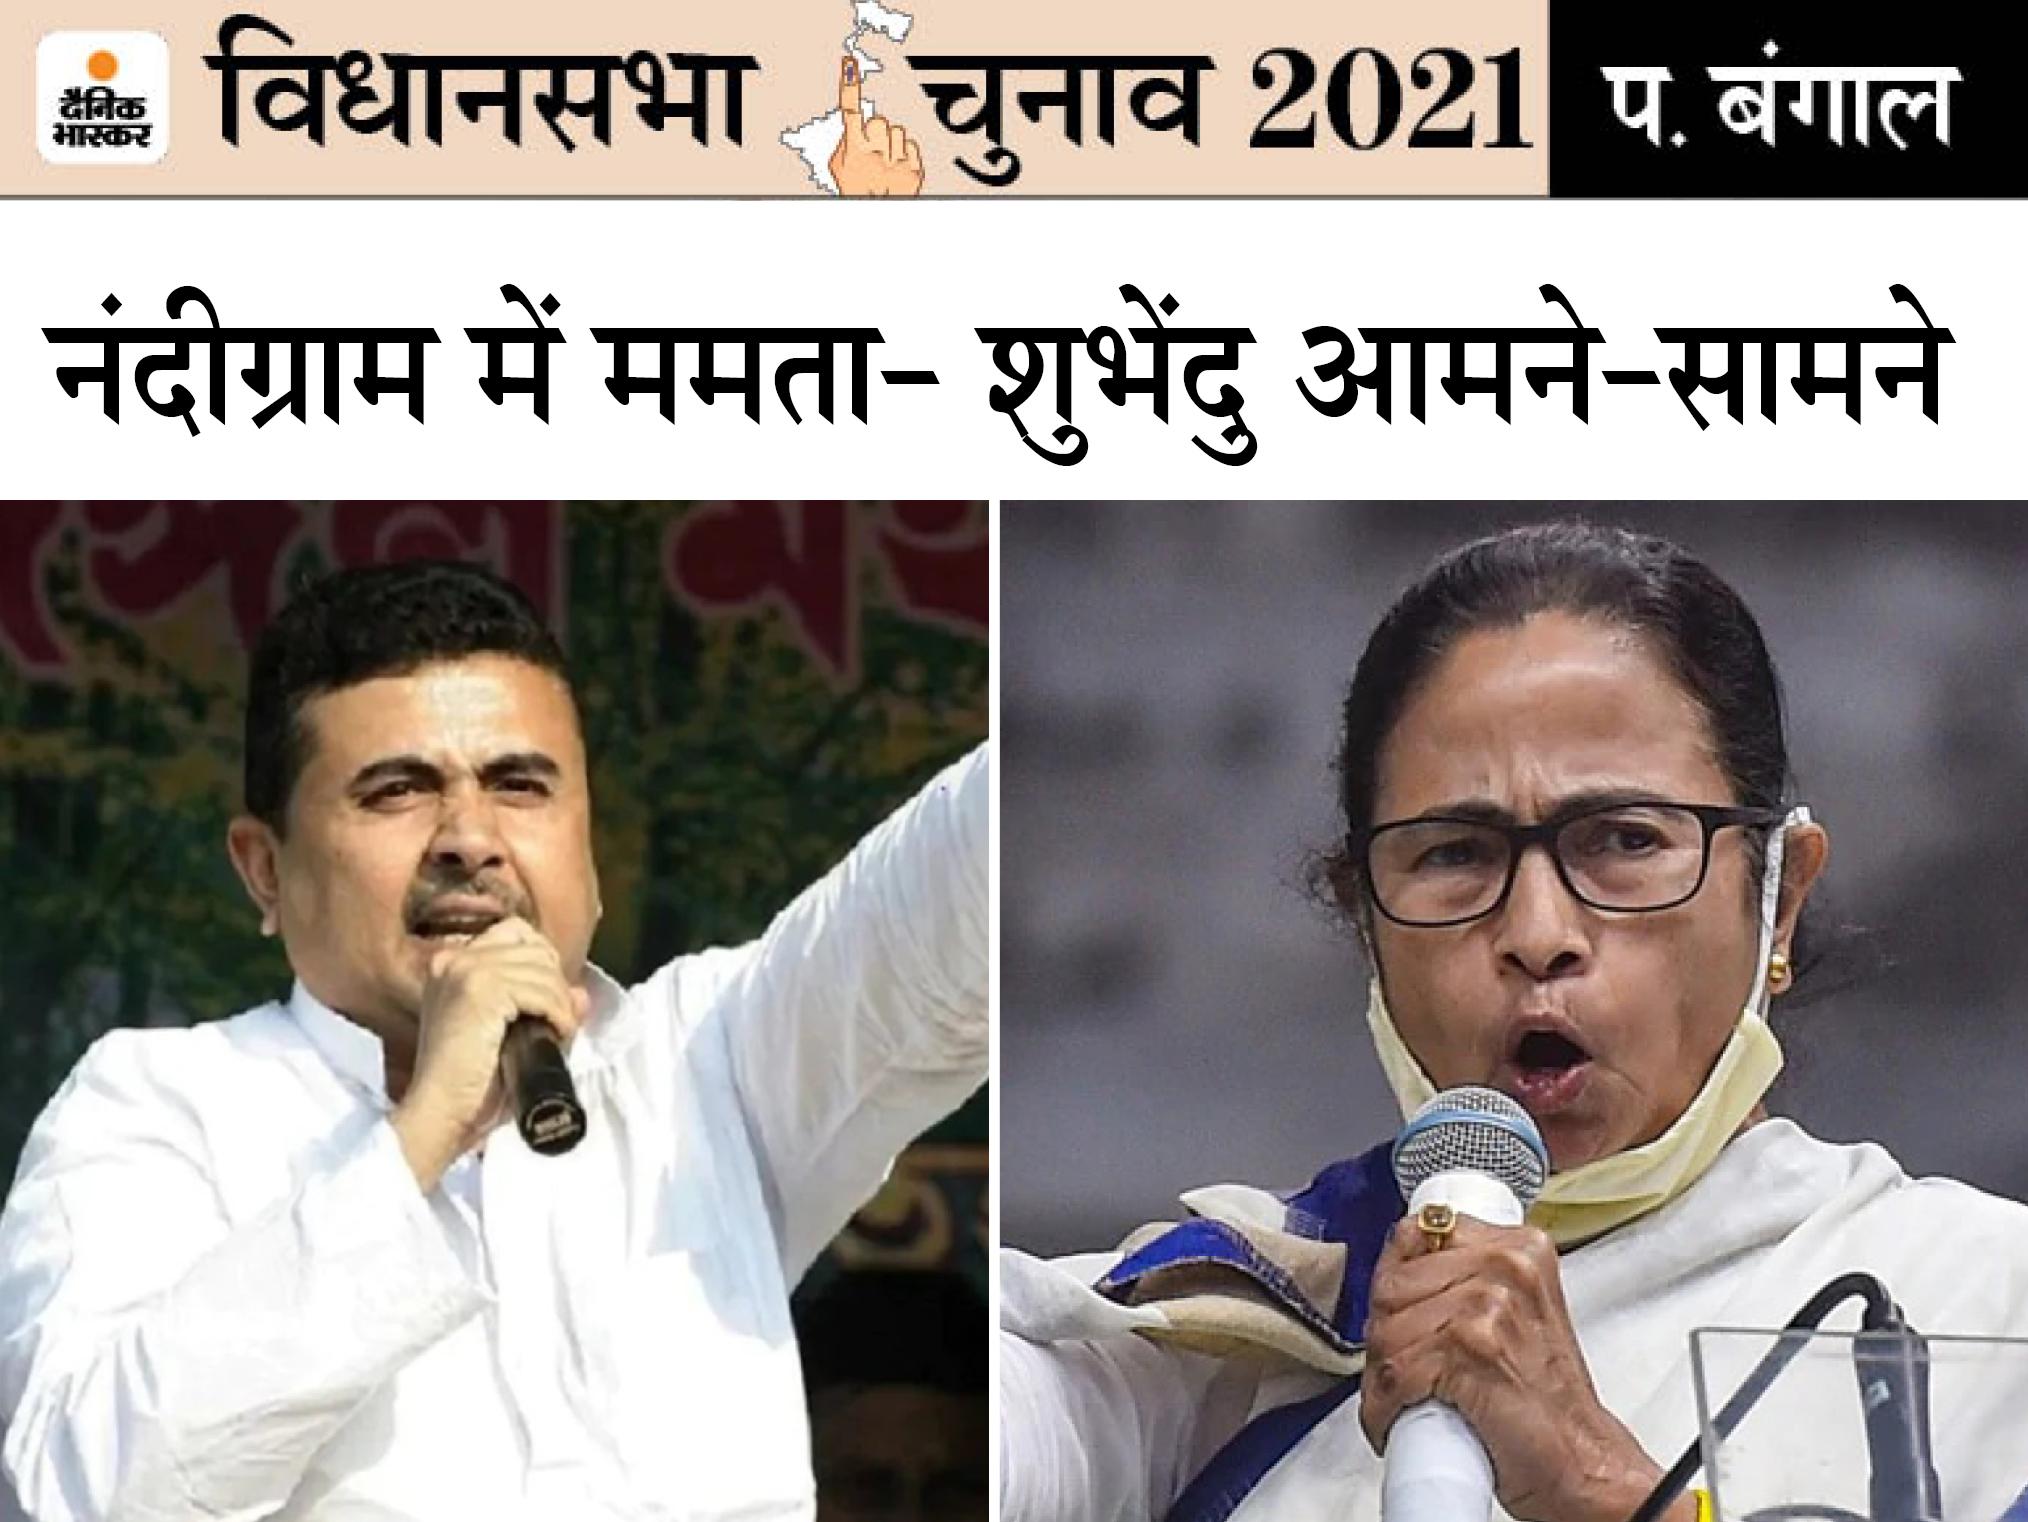 एक दिन पहले पार्टी ज्वॉइन करने वाले घोष को मिला टिकट, एक भी मुस्लिम नहीं; ममता की करीबी रहीं IPS को भी टिकट|DB ओरिजिनल,DB Original - Dainik Bhaskar